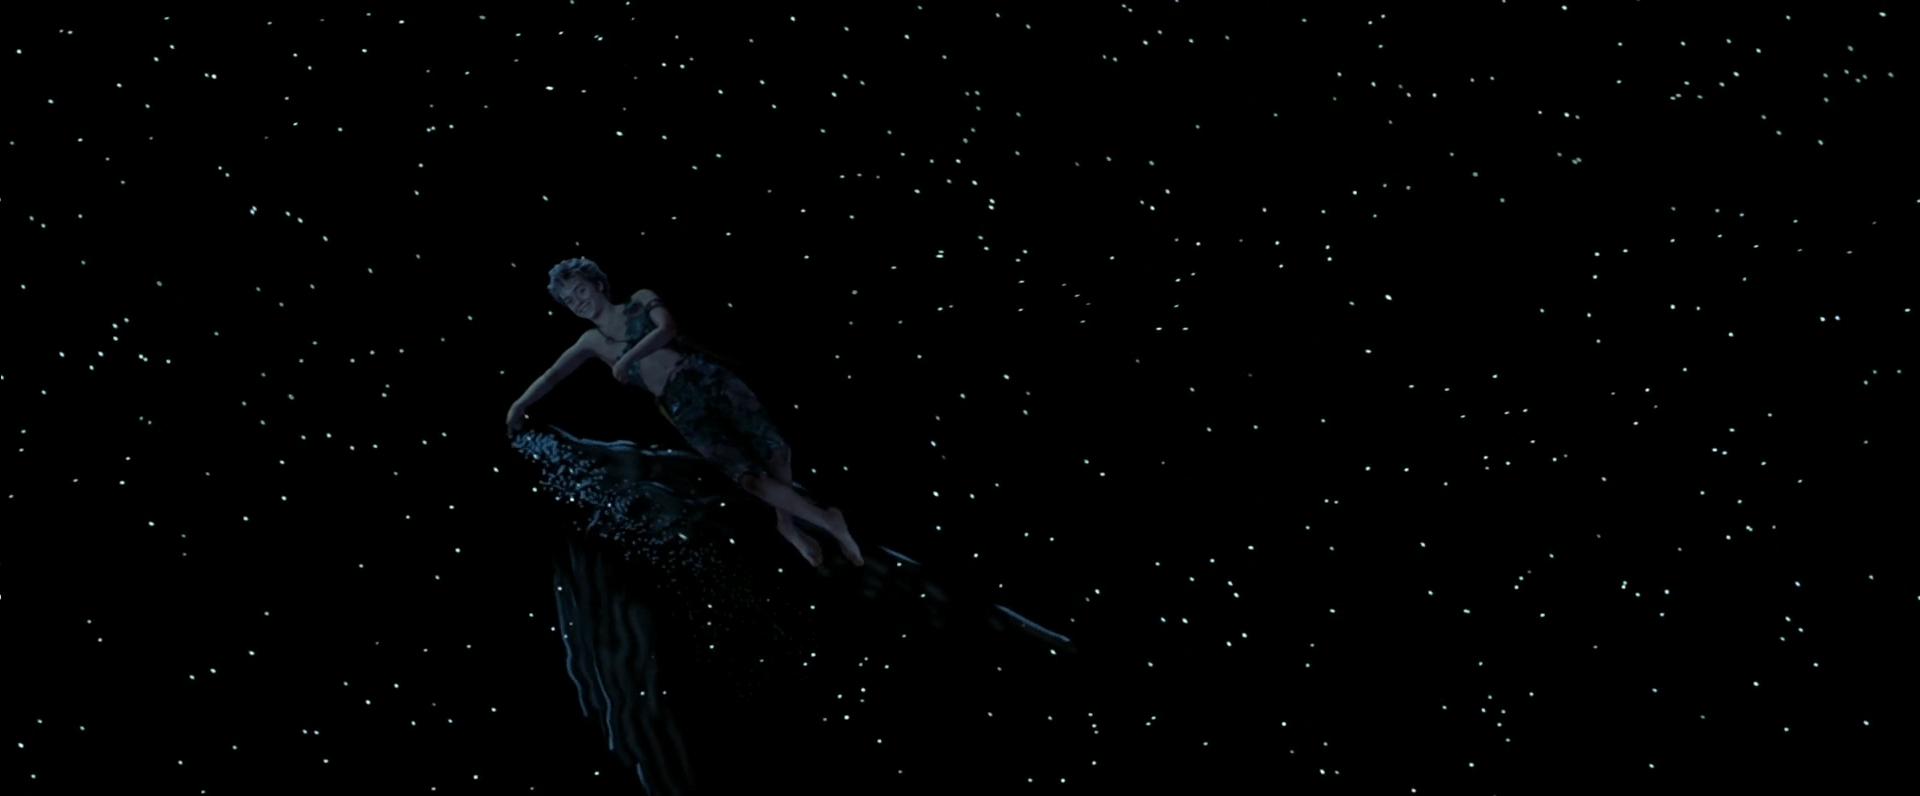 Peter Pan (2003) BDrip 1080 ENG-ITA x264 bluray - Download ...